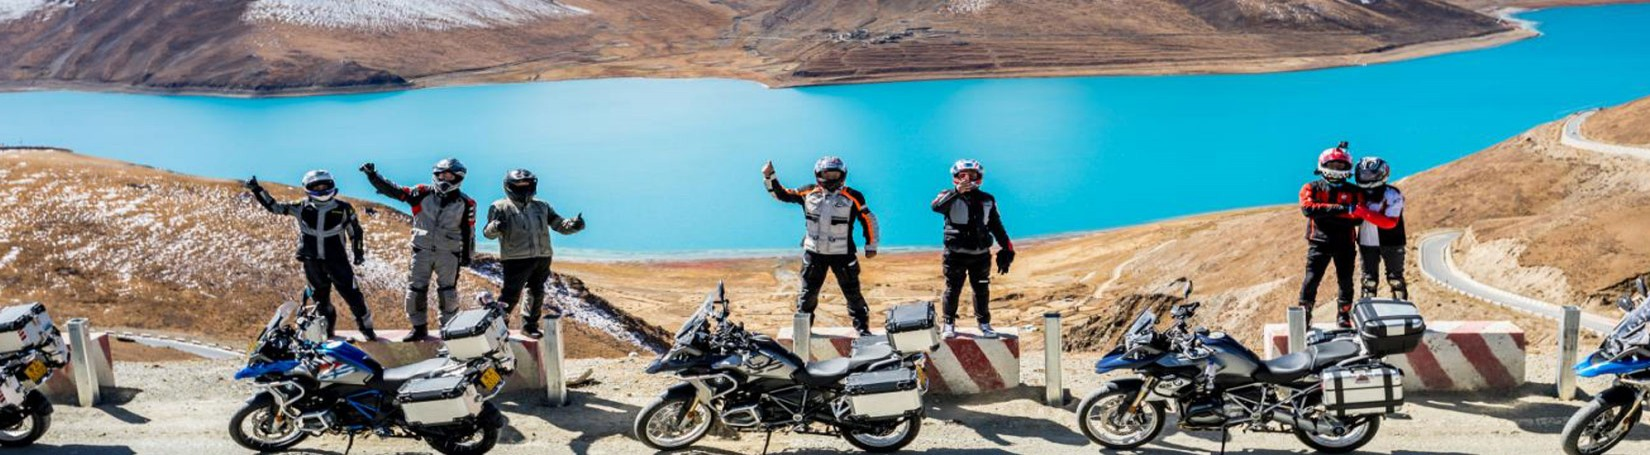 BMW bikes are near at Yamdrok Lake during Lhasa EBC Motor Biking